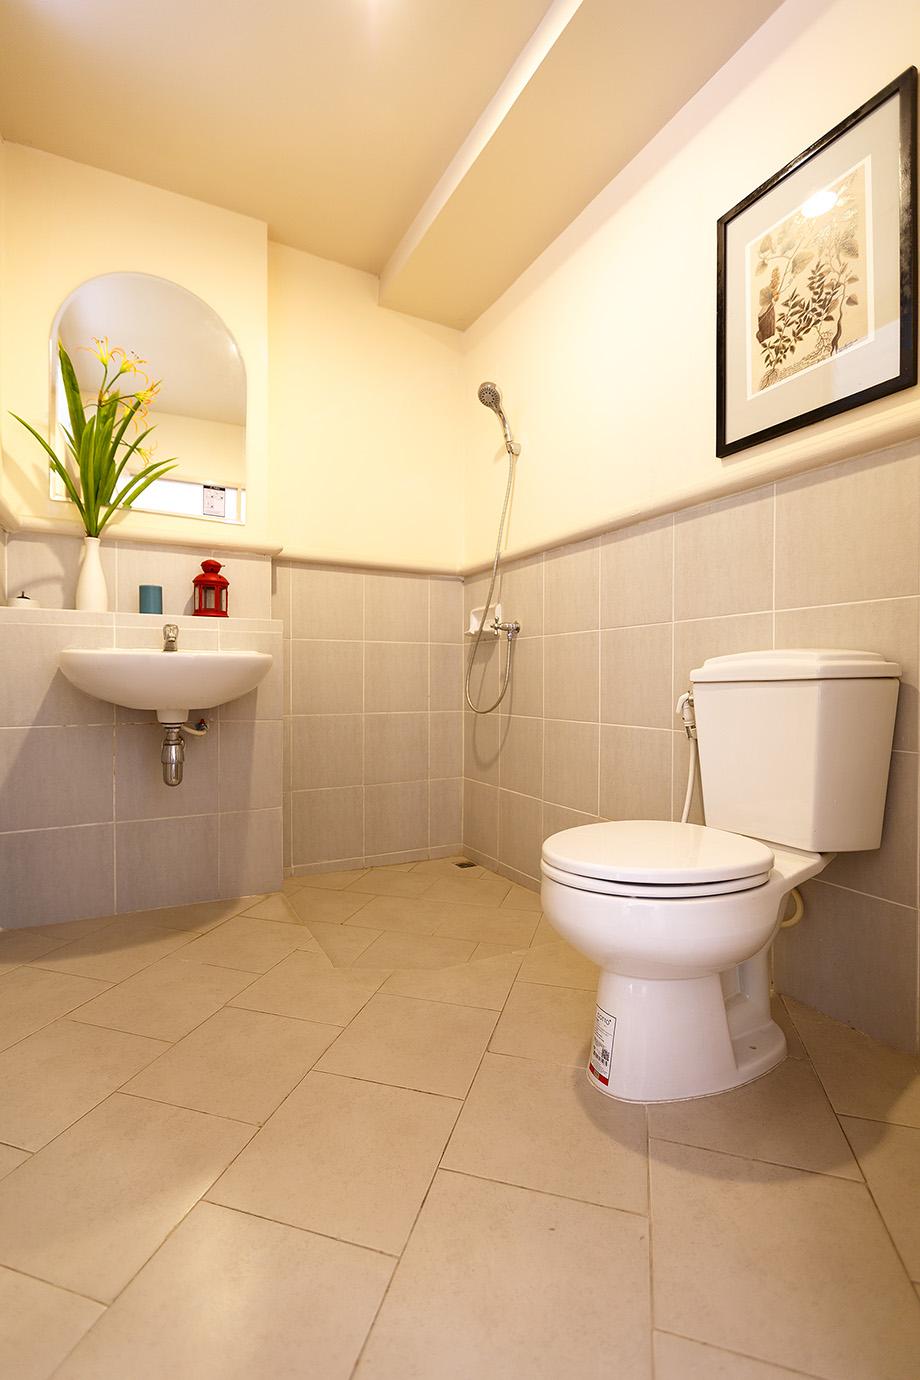 ไอเดียตกแต่งห้องน้ำ บ้านทาวน์เฮ้าส์ สองชั้น